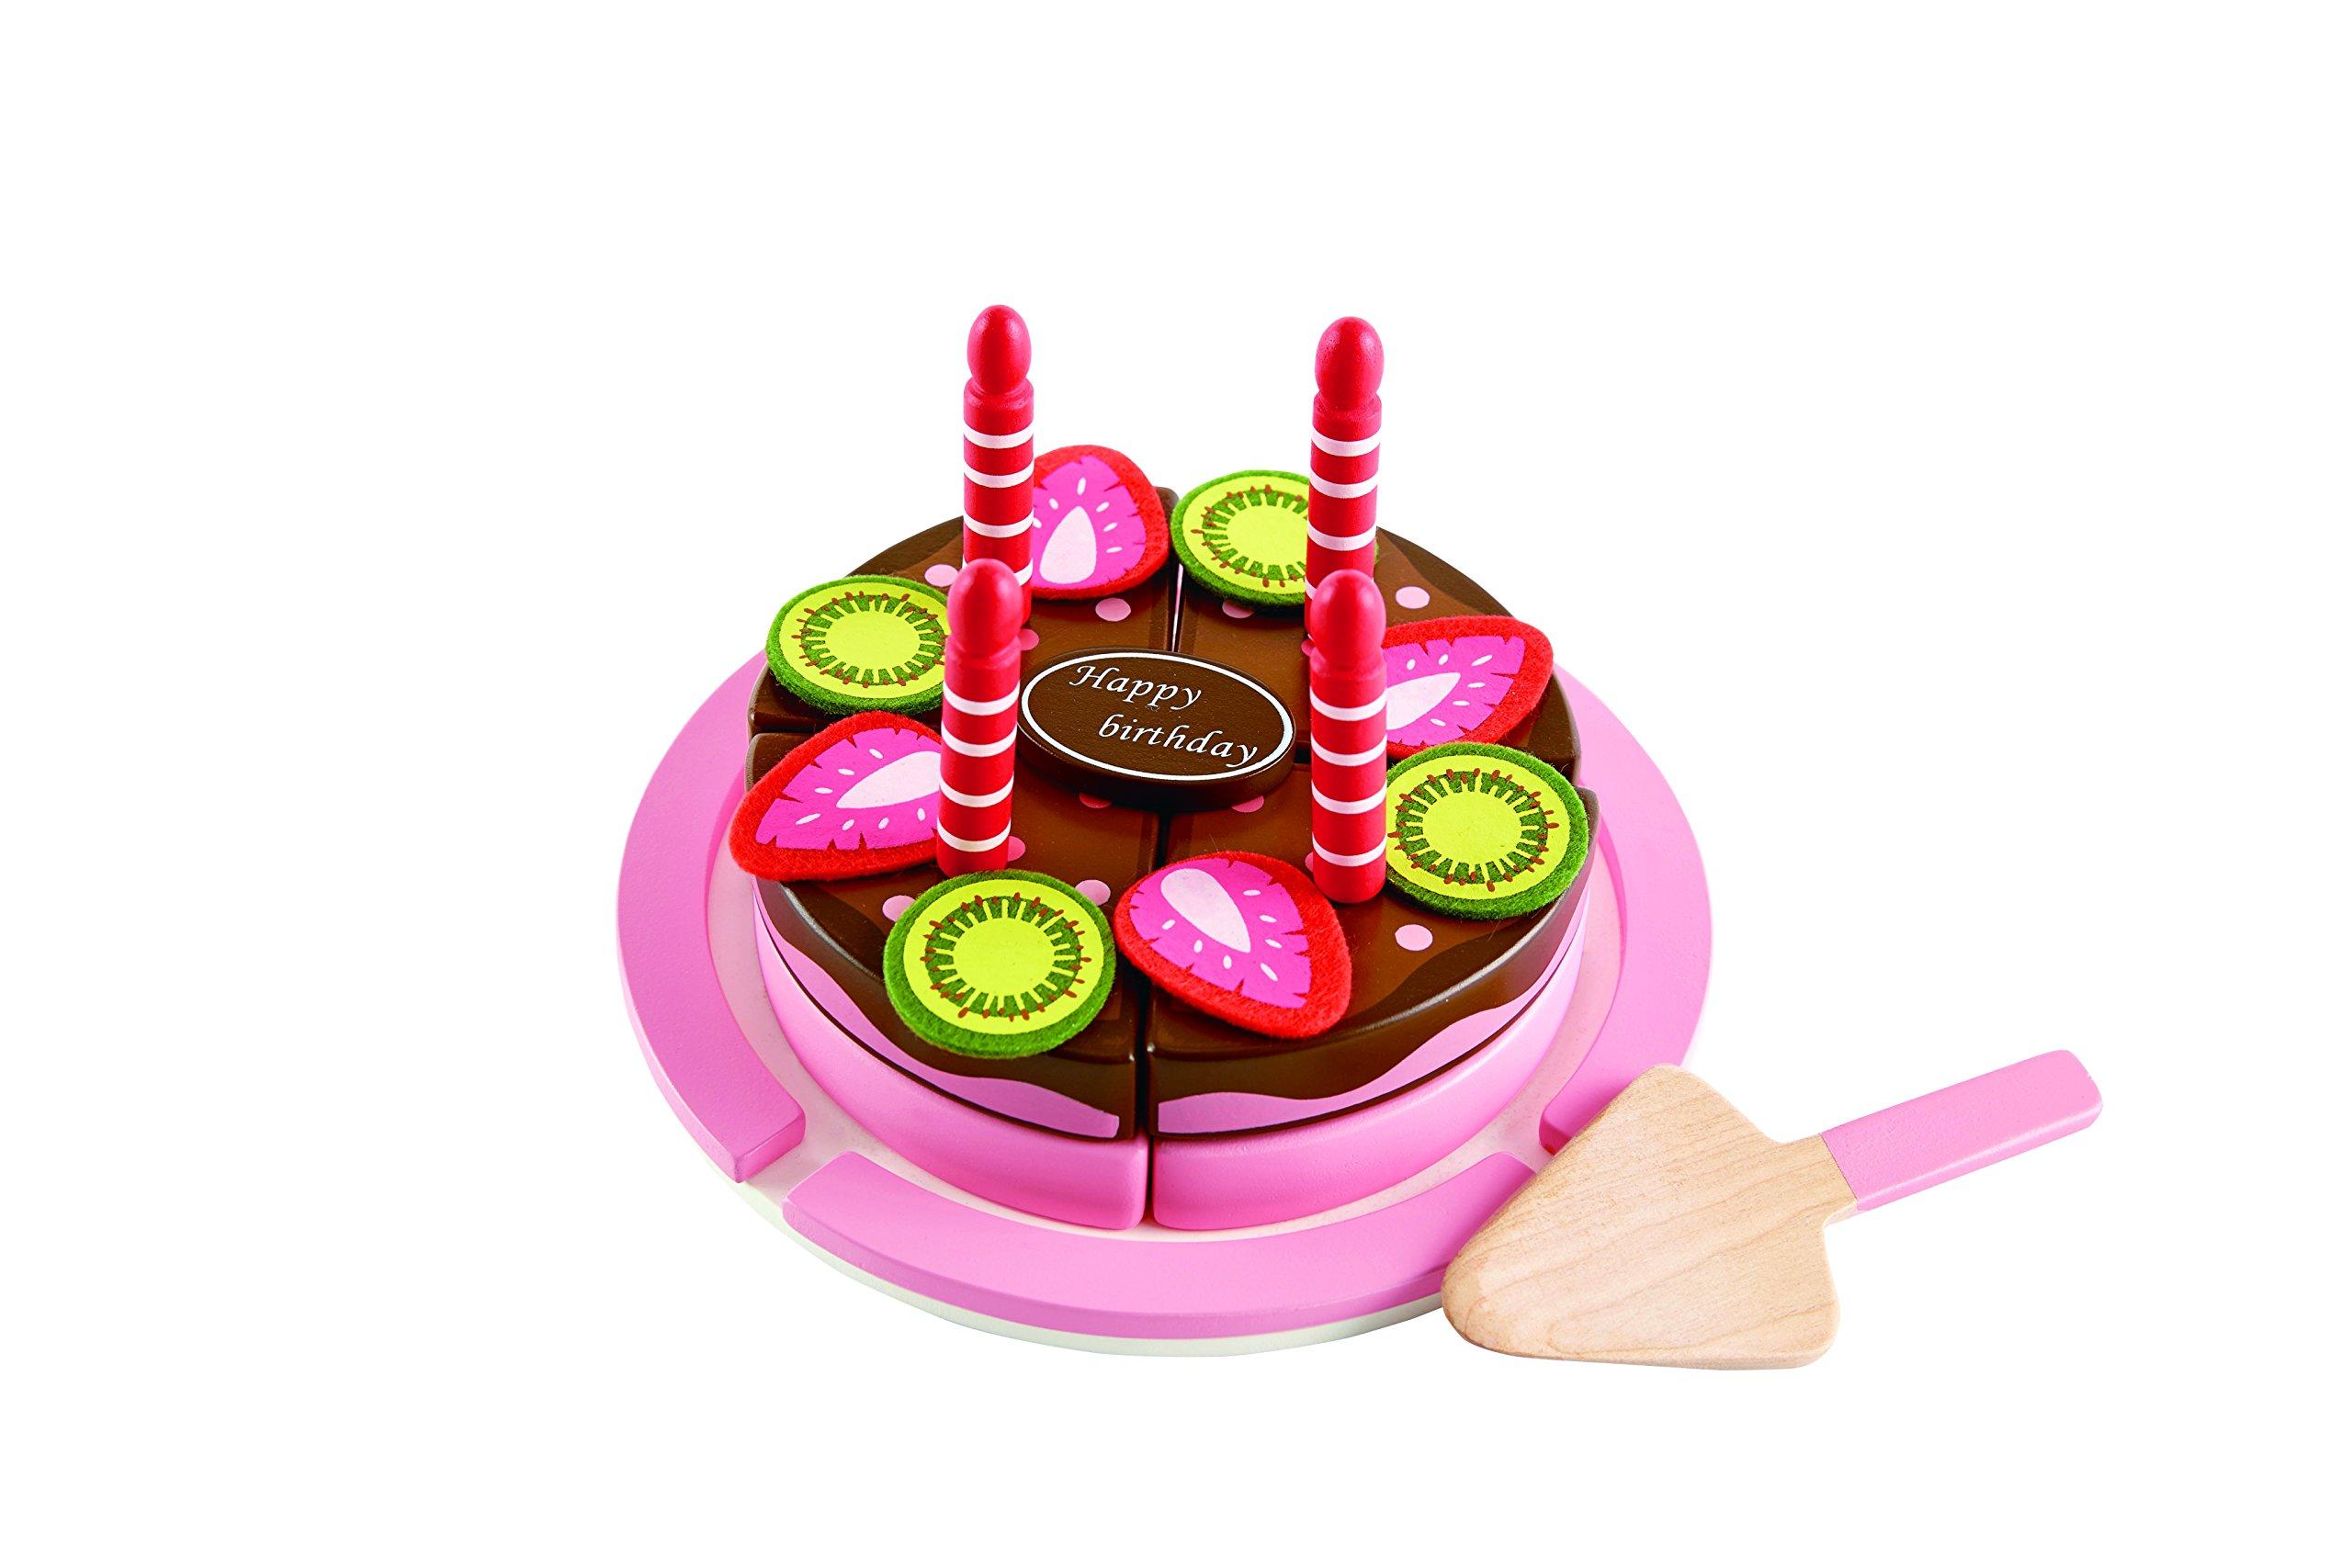 Hape Flavored Birthday Kitchen Accessories